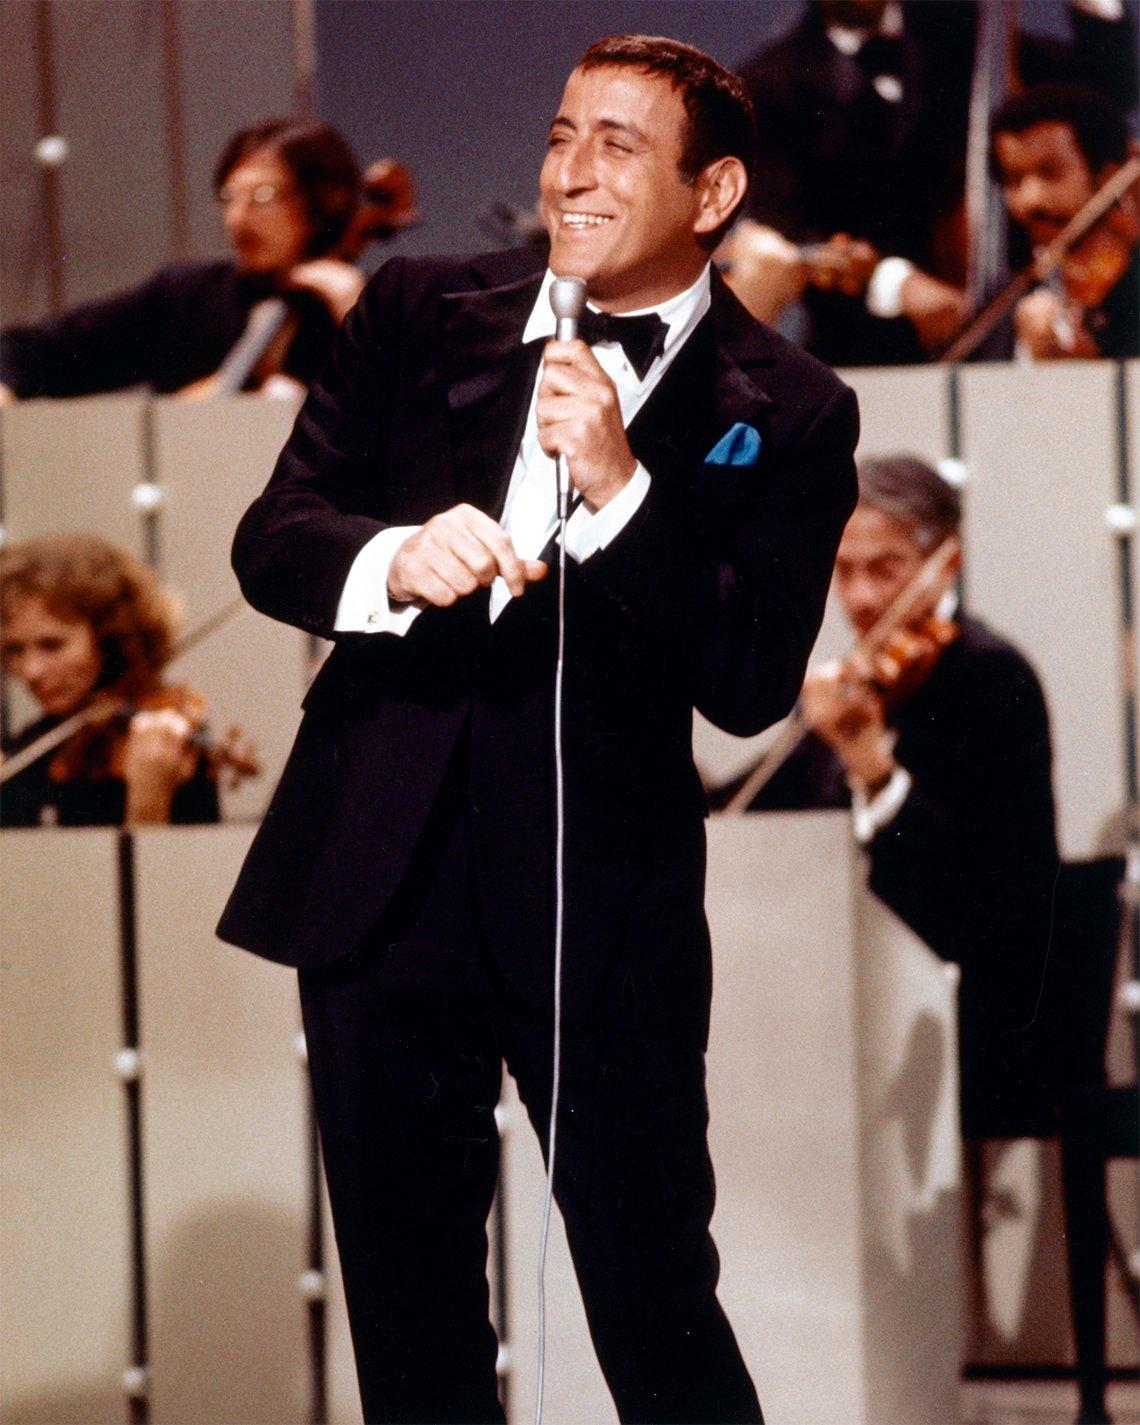 tony bennett in concert 1965